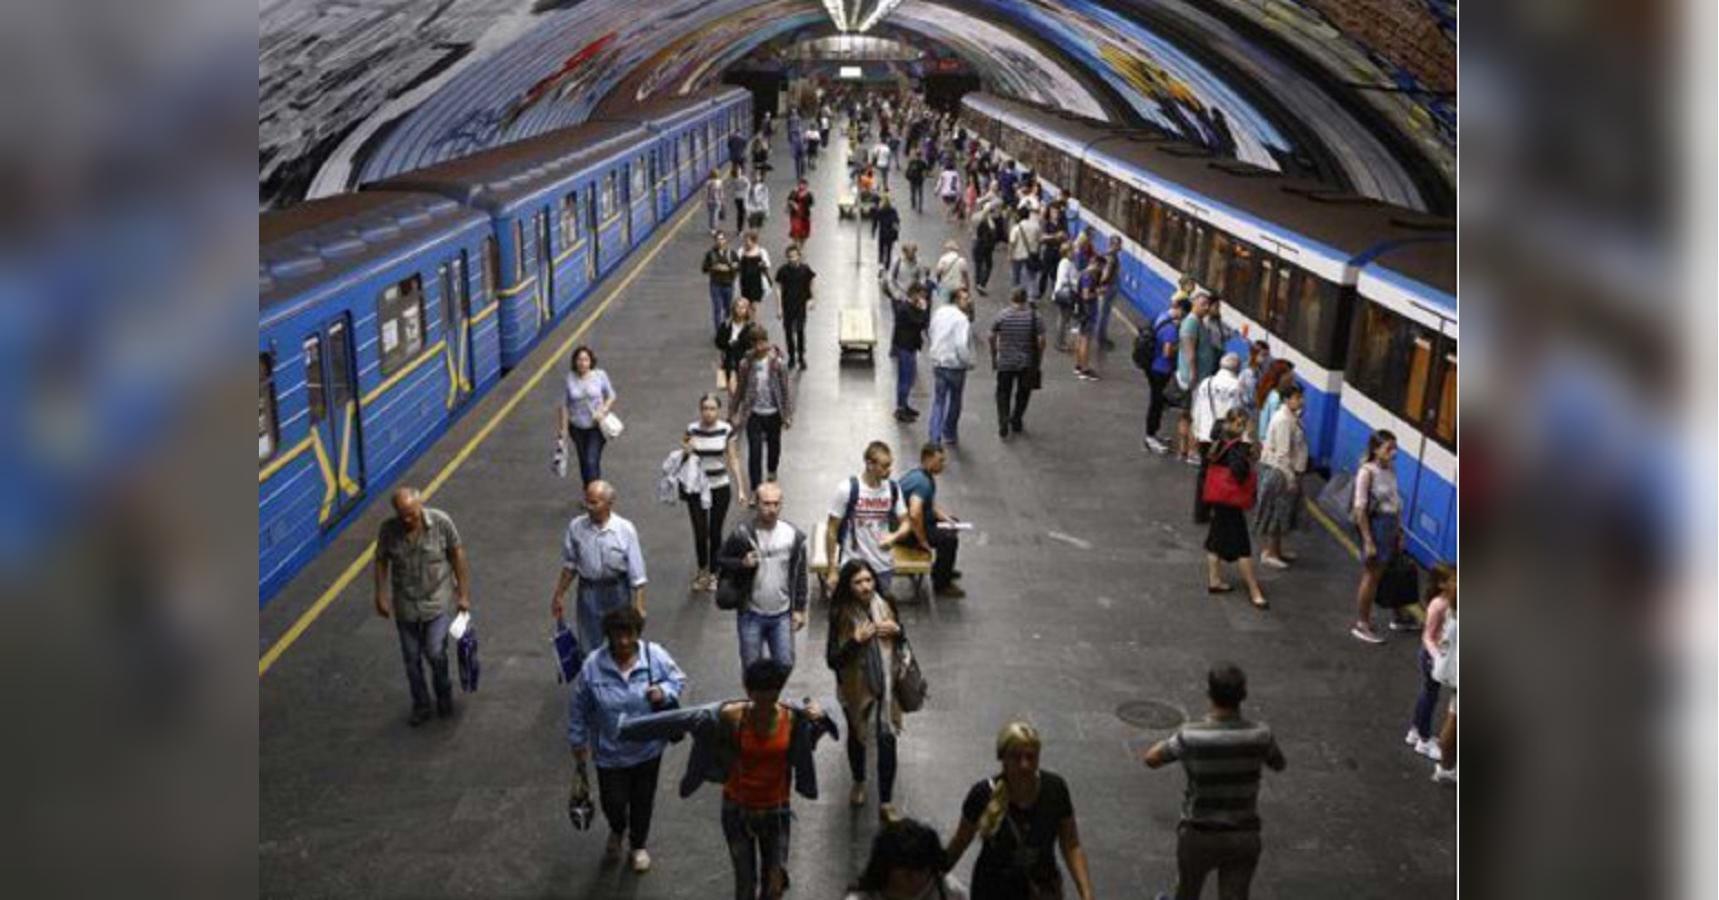 Метро в Киеве таки запустят 25 мая: в столице решили ослабить карантин